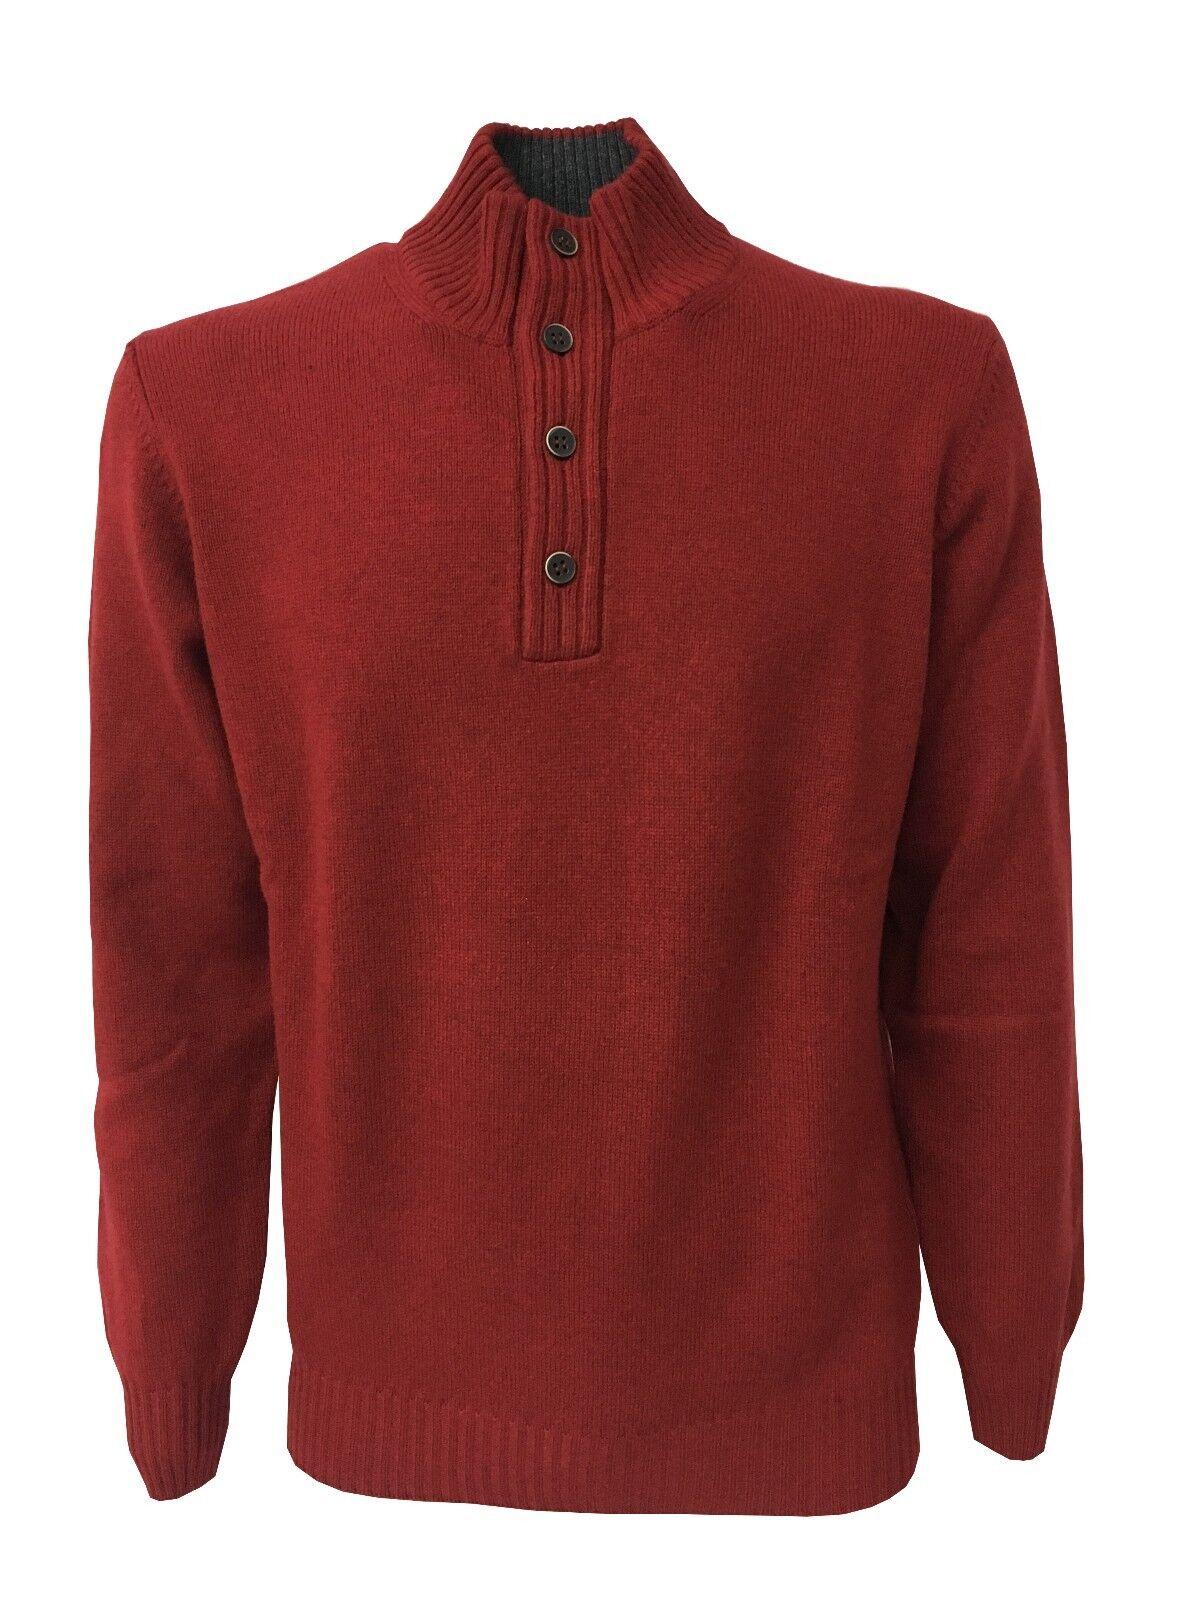 DELLA CIANA maglia lana cashmere uomo rosso scuro interno collo grigio MADE ITA